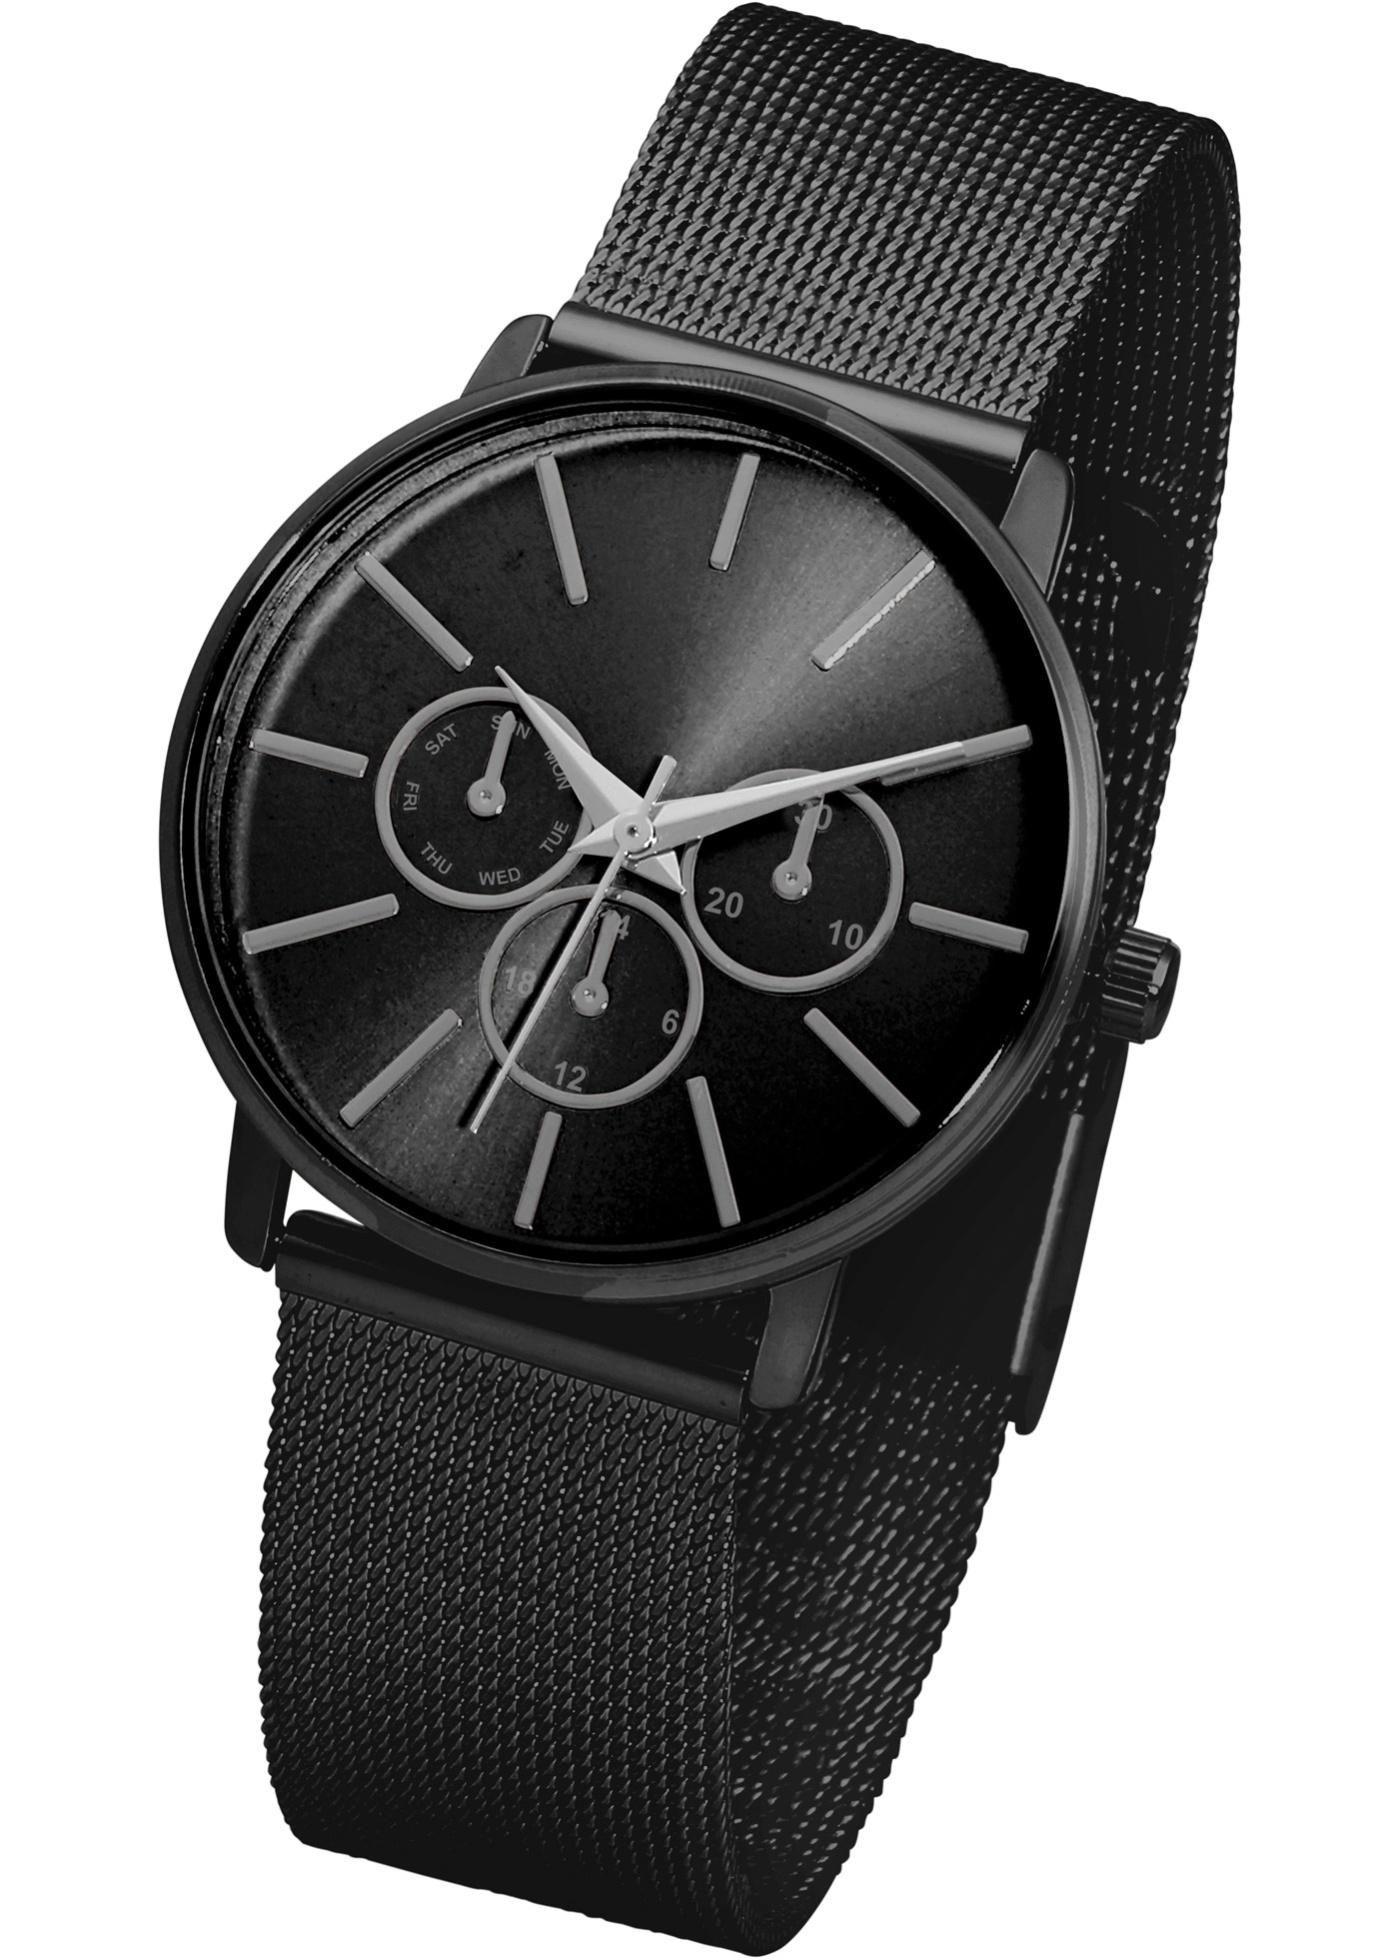 Affichez la tendance à votre poignet : le bracelet en mesh attire irrésistiblement le regard et souligne votre style original. Design intemporel convenant à de nombreux looks. Prix comprenant éco-participation (F)=0,01€ ou recupel (B) =0,05€.